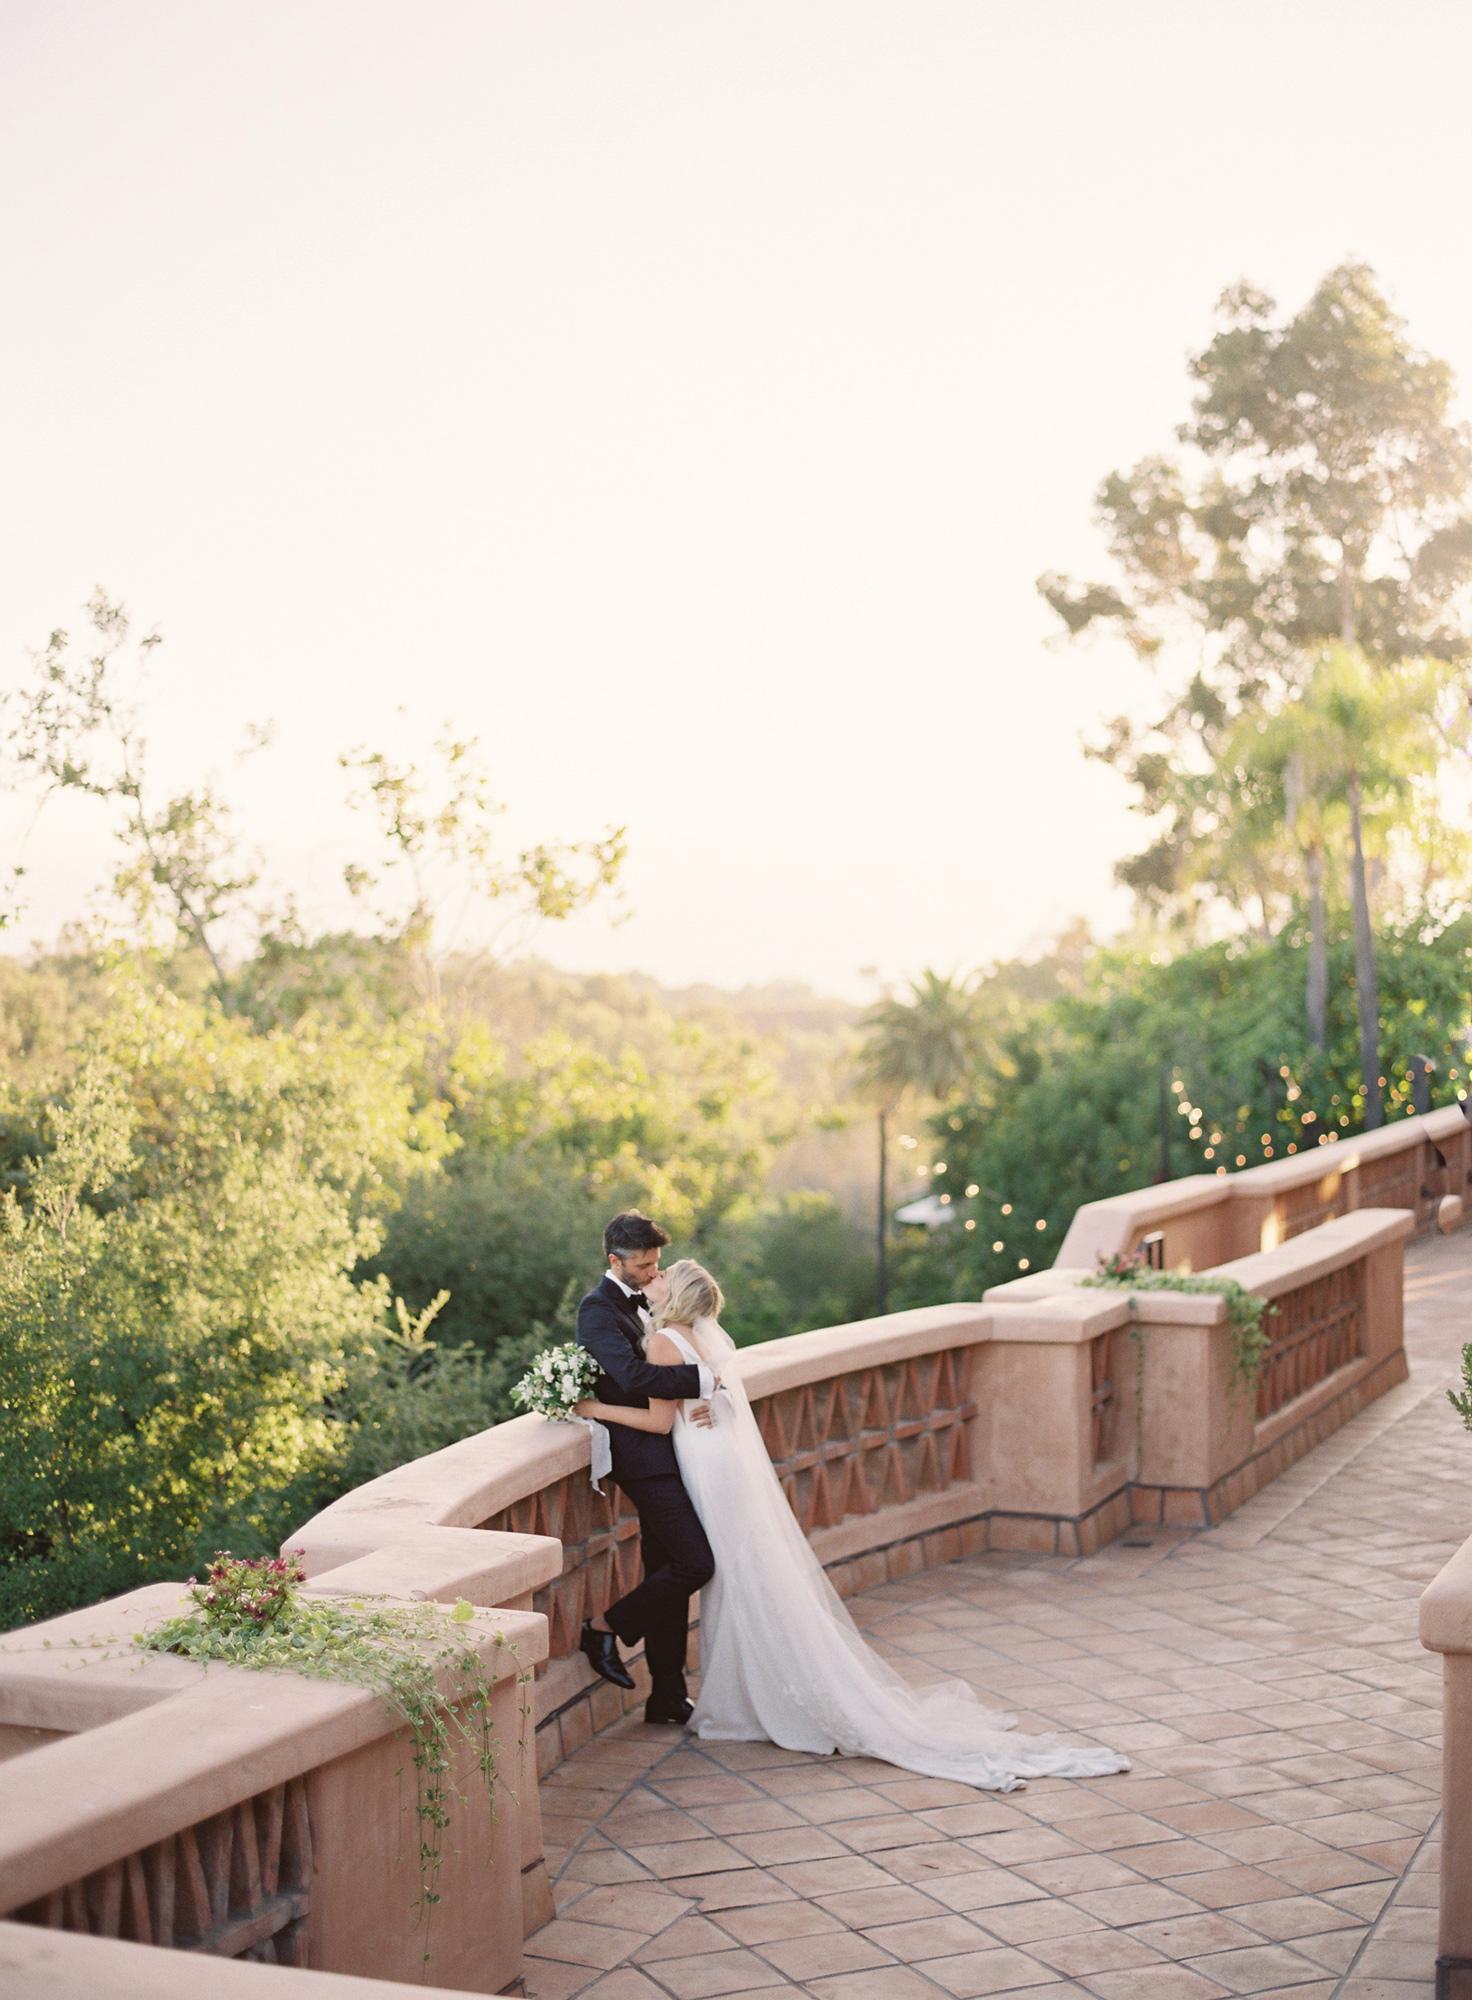 wedding couple kissing on balcony